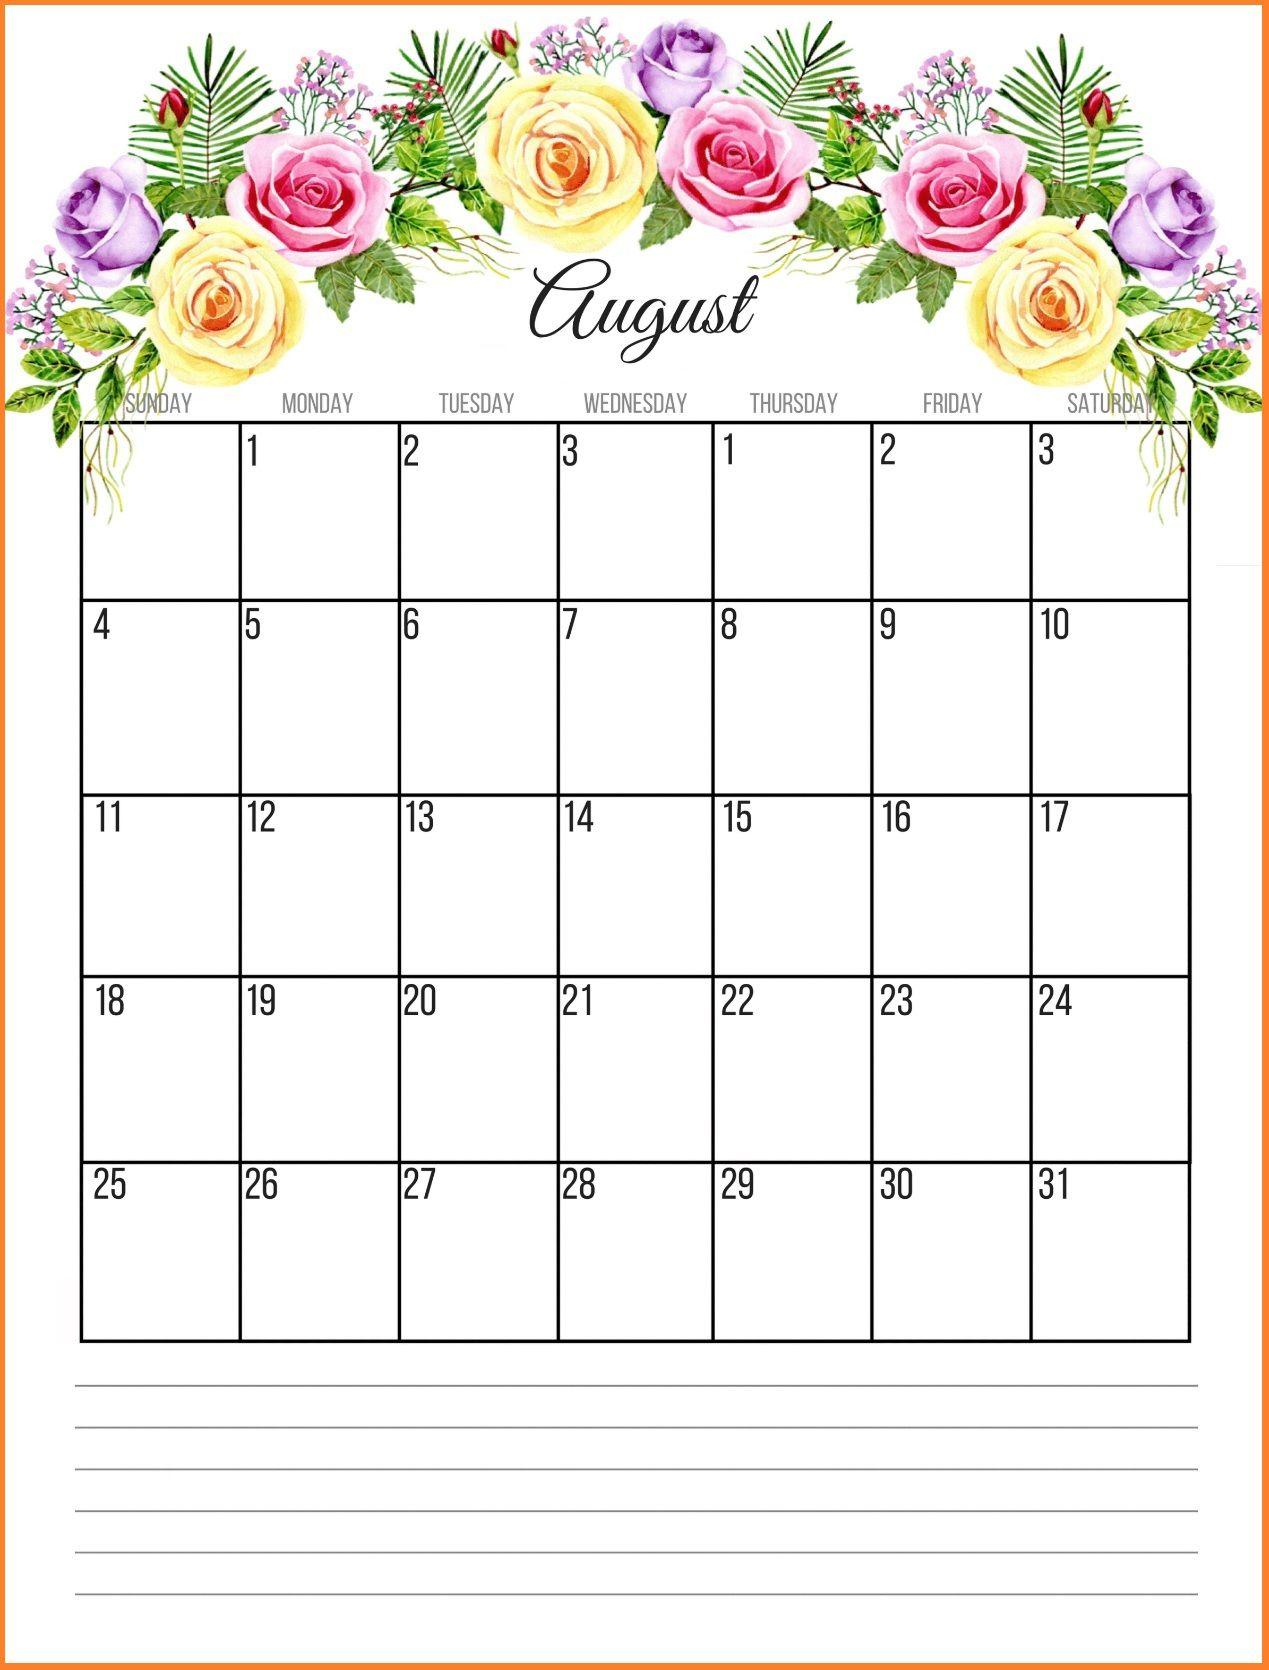 August 2019 Floral Calendar | Paper Crafts | Calendar June, June regarding Cute Calendar Template August